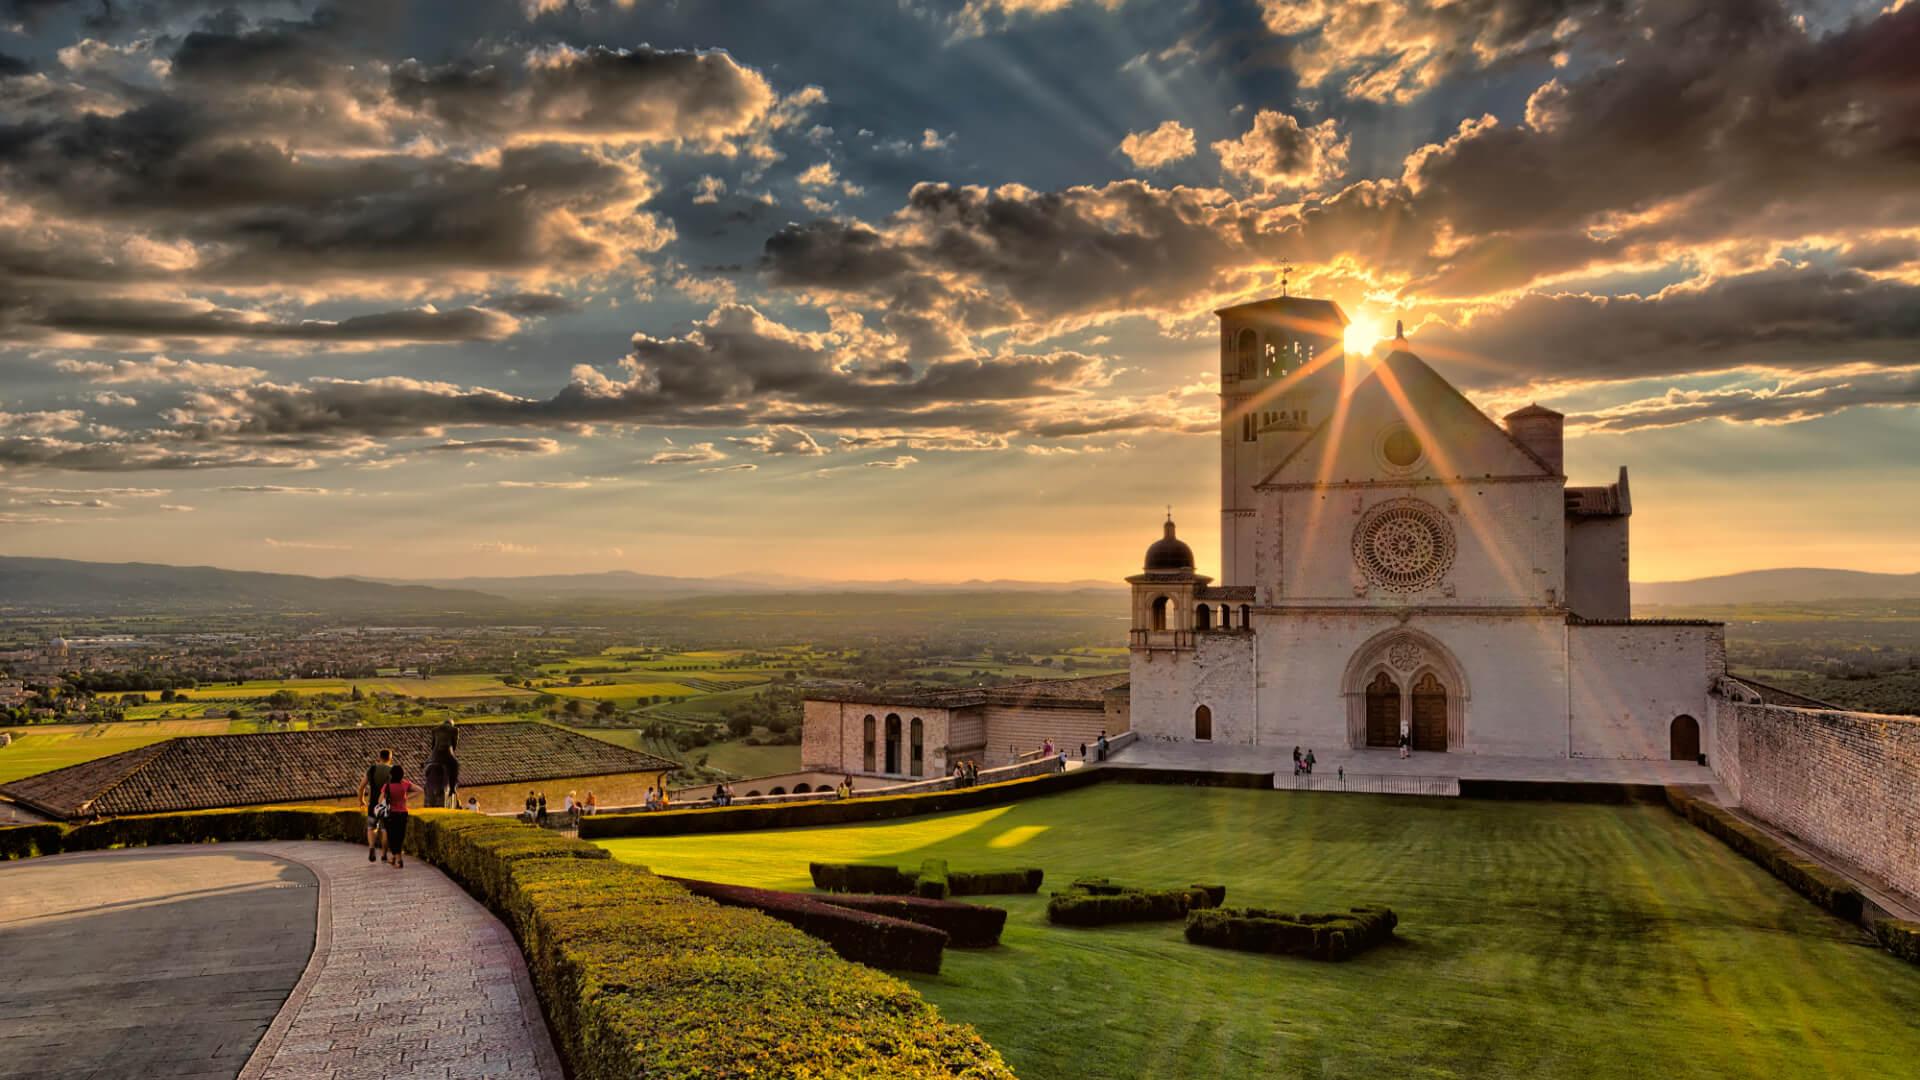 İtalya'yı Bitirdim Demeyin, Bir de Umbria'yı Keşfedin